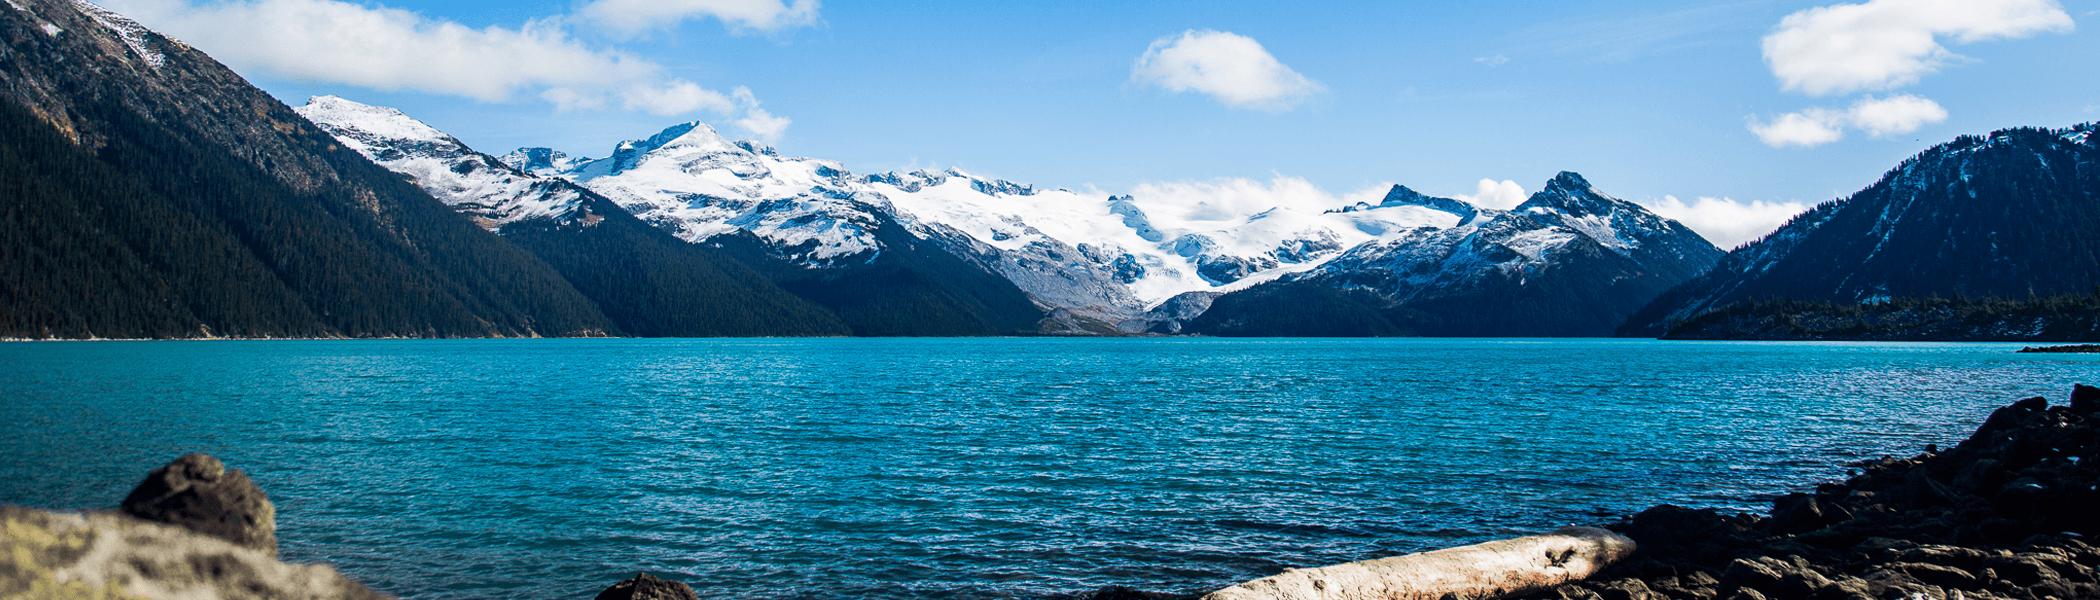 Le lac Garibaldi dans toutes ses couleurs. Probablement l'un des plus beaux lacs du Canada.